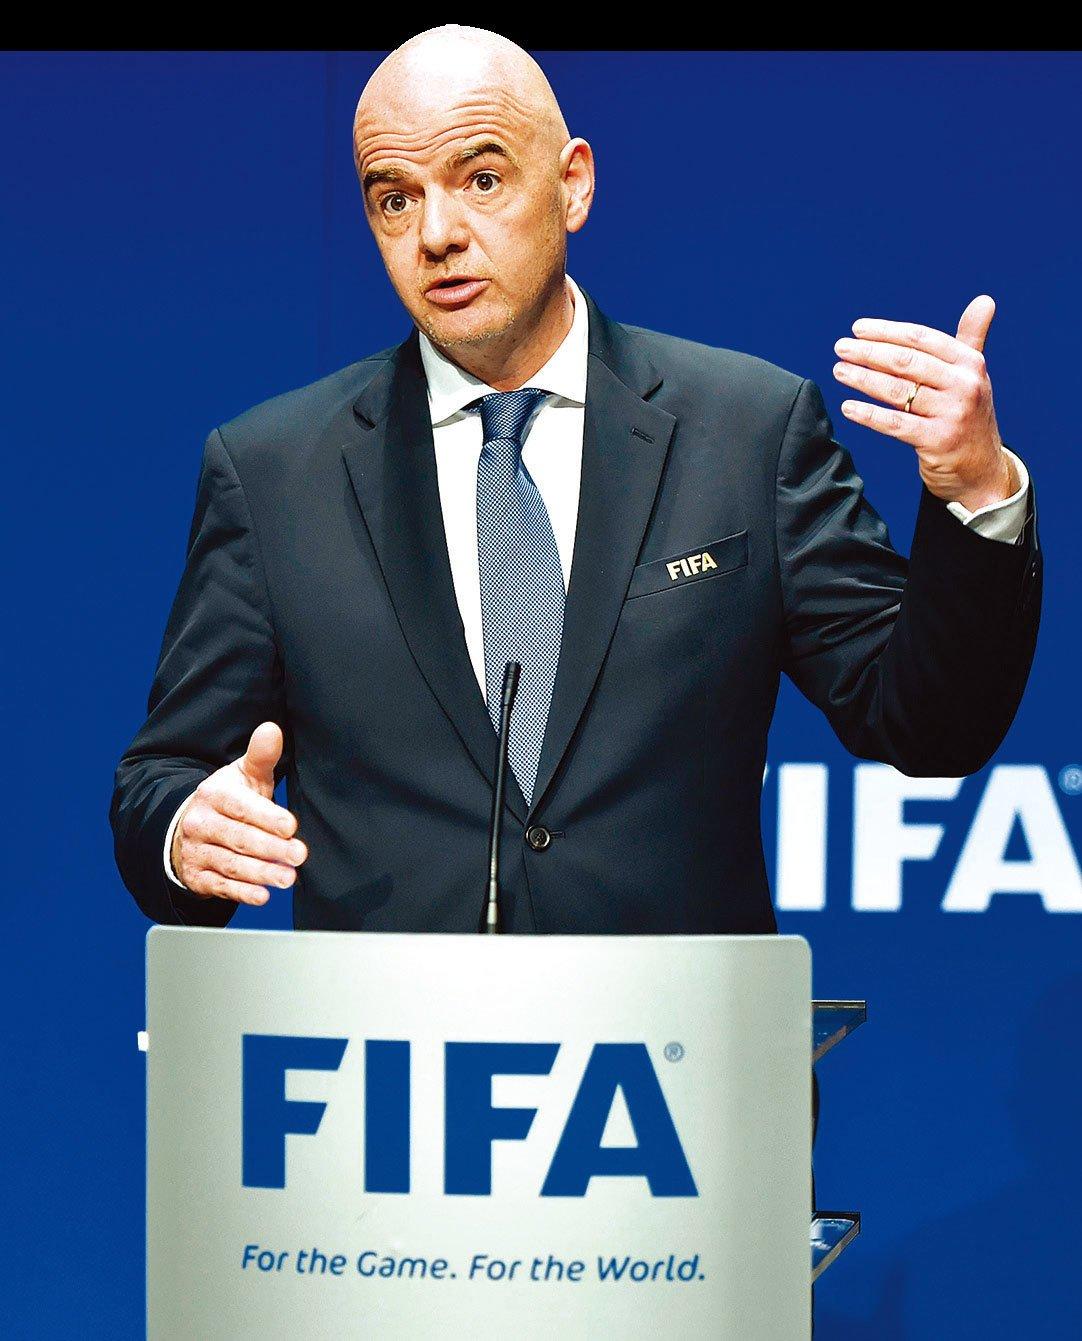 新任國際足聯主席因凡蒂諾上任後一直努力推動世界盃擴軍。(Getty Images)